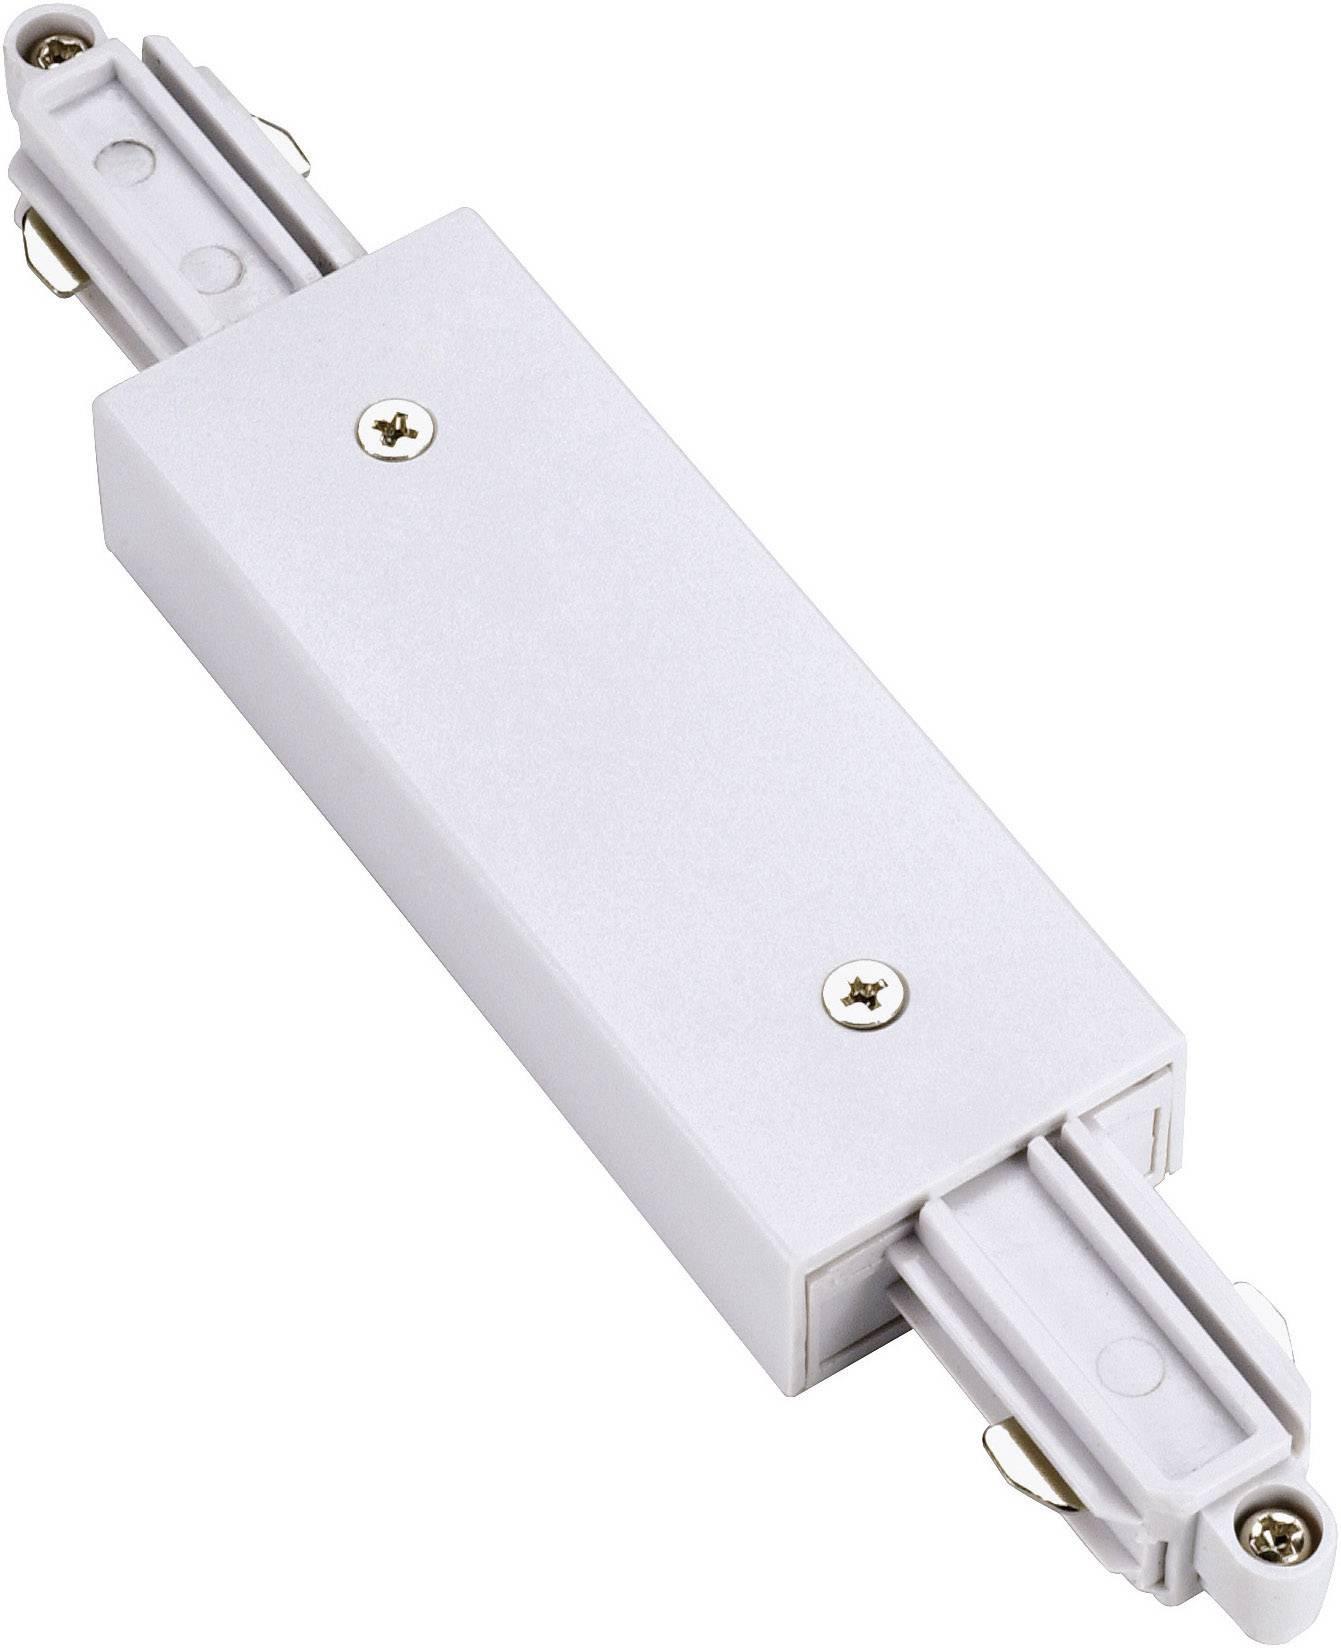 Podélná spojka SLV pro 1fázový HV kolejnicový systém 143101, 230 V, bílá